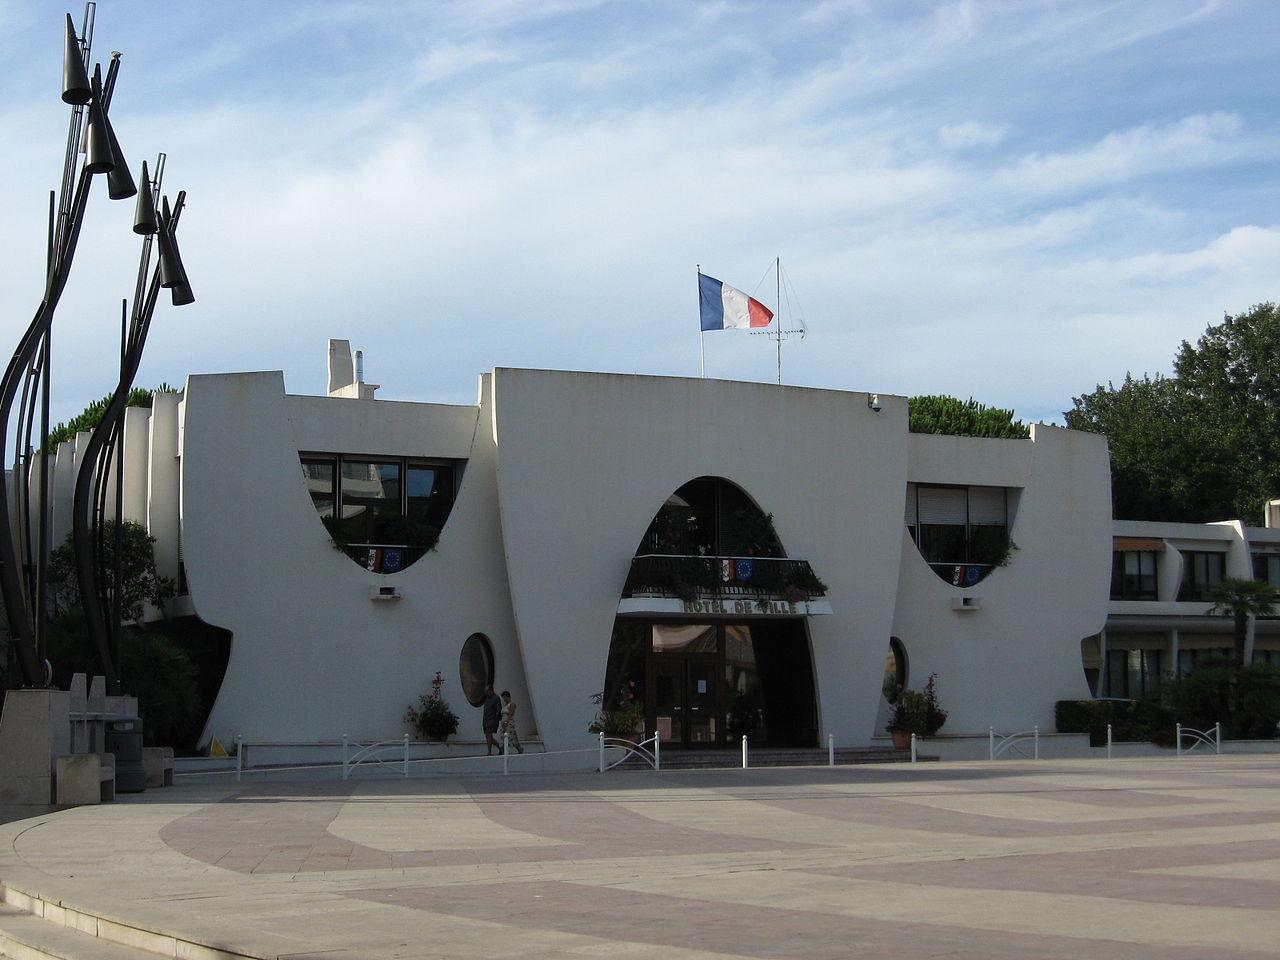 1280px-Mairie_Grande-Motte_033.jpg